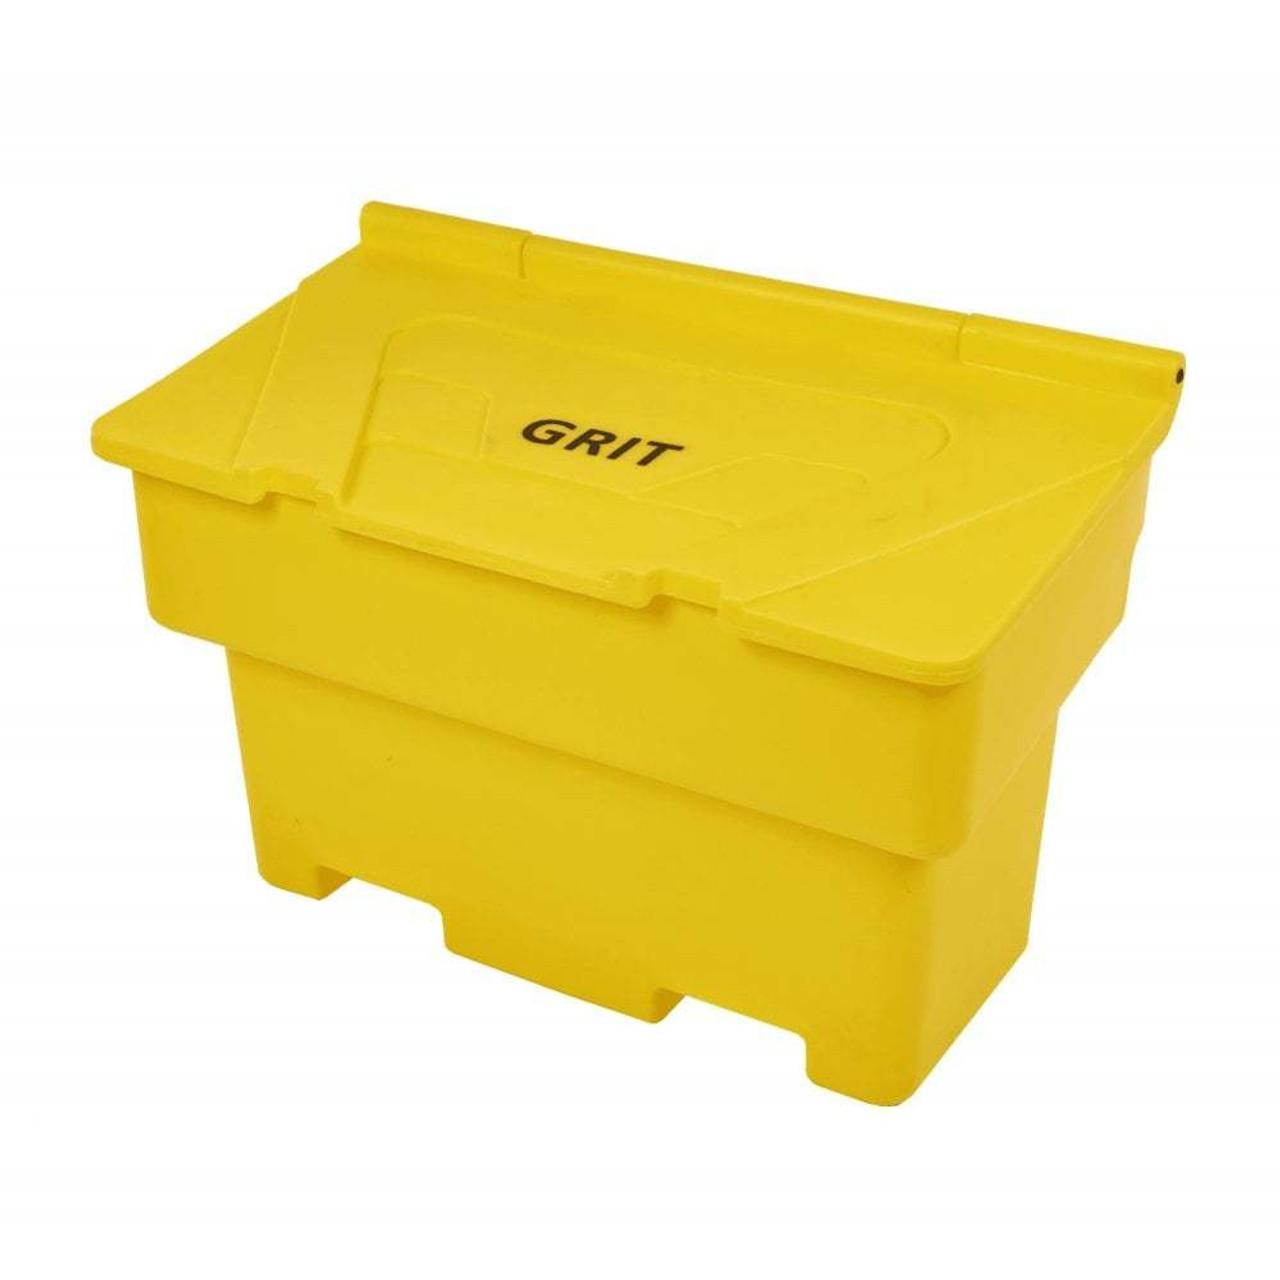 Yellow 200 Litre lockable grit balt bin box